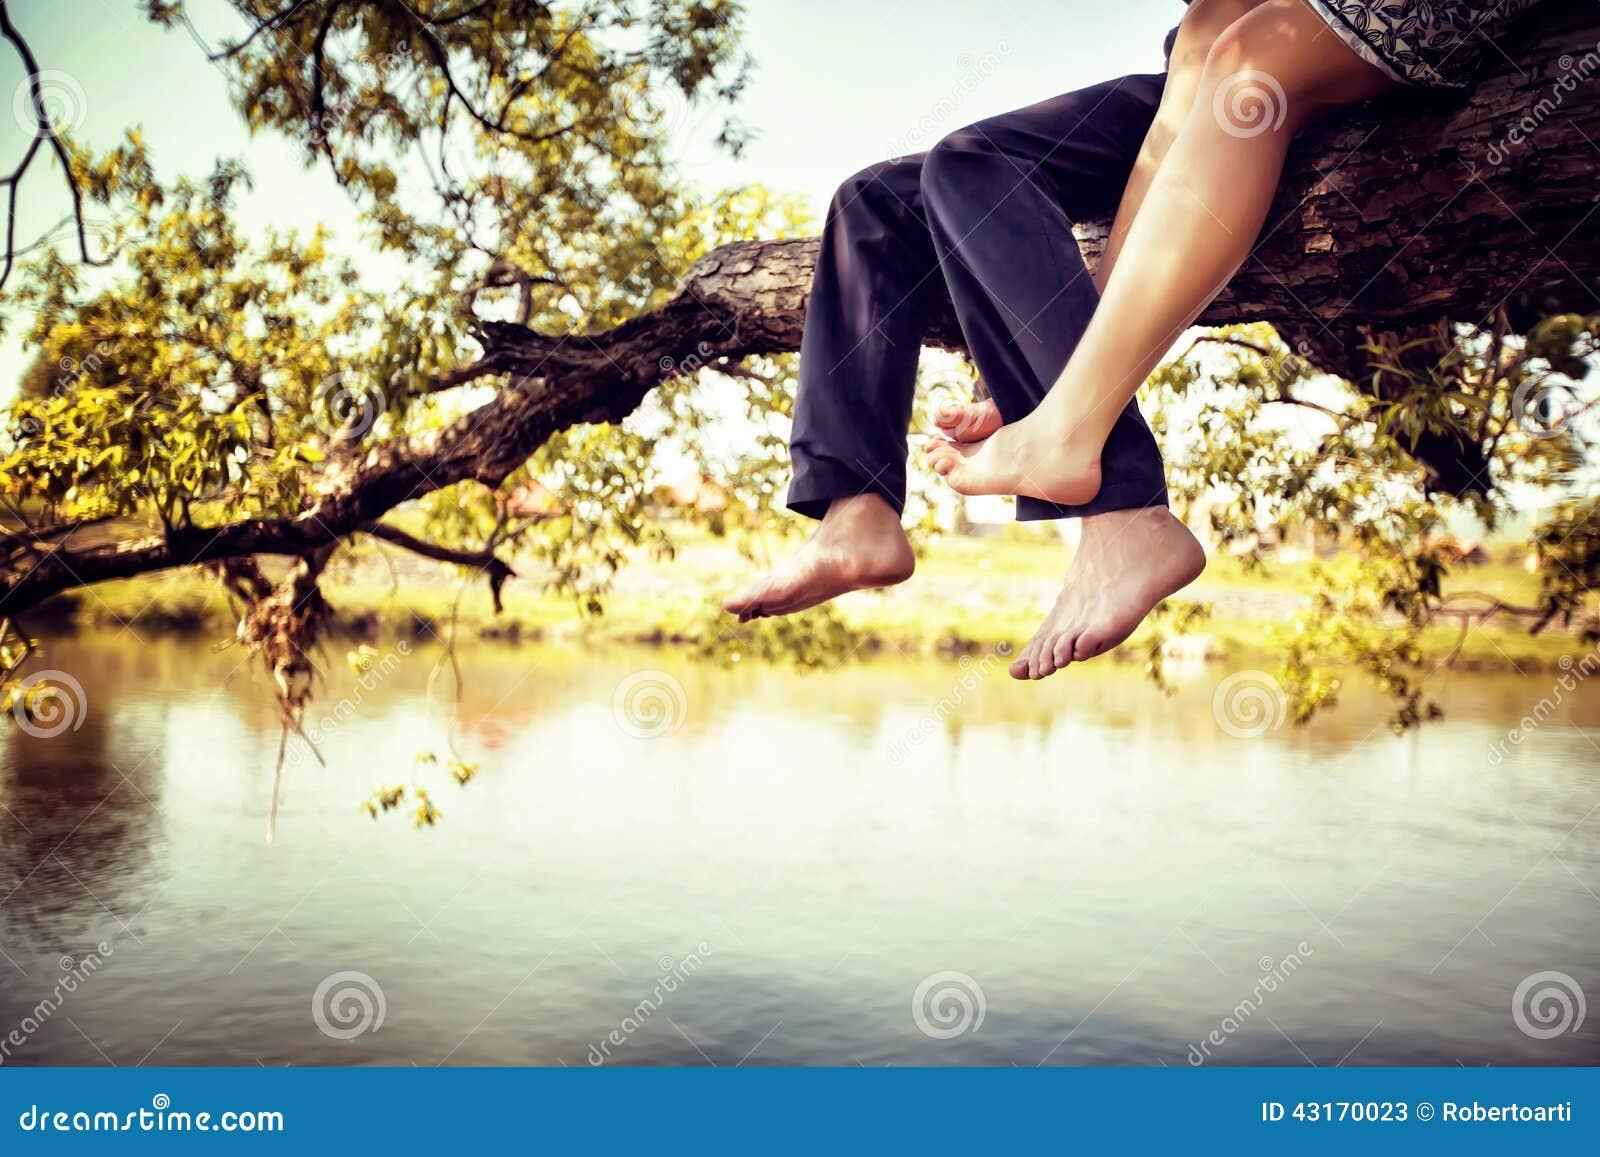 Junge Paare beim Liebessitzen im Schneidersitz auf einem Baumast über dem Fluss am schönen sonnigen Tag